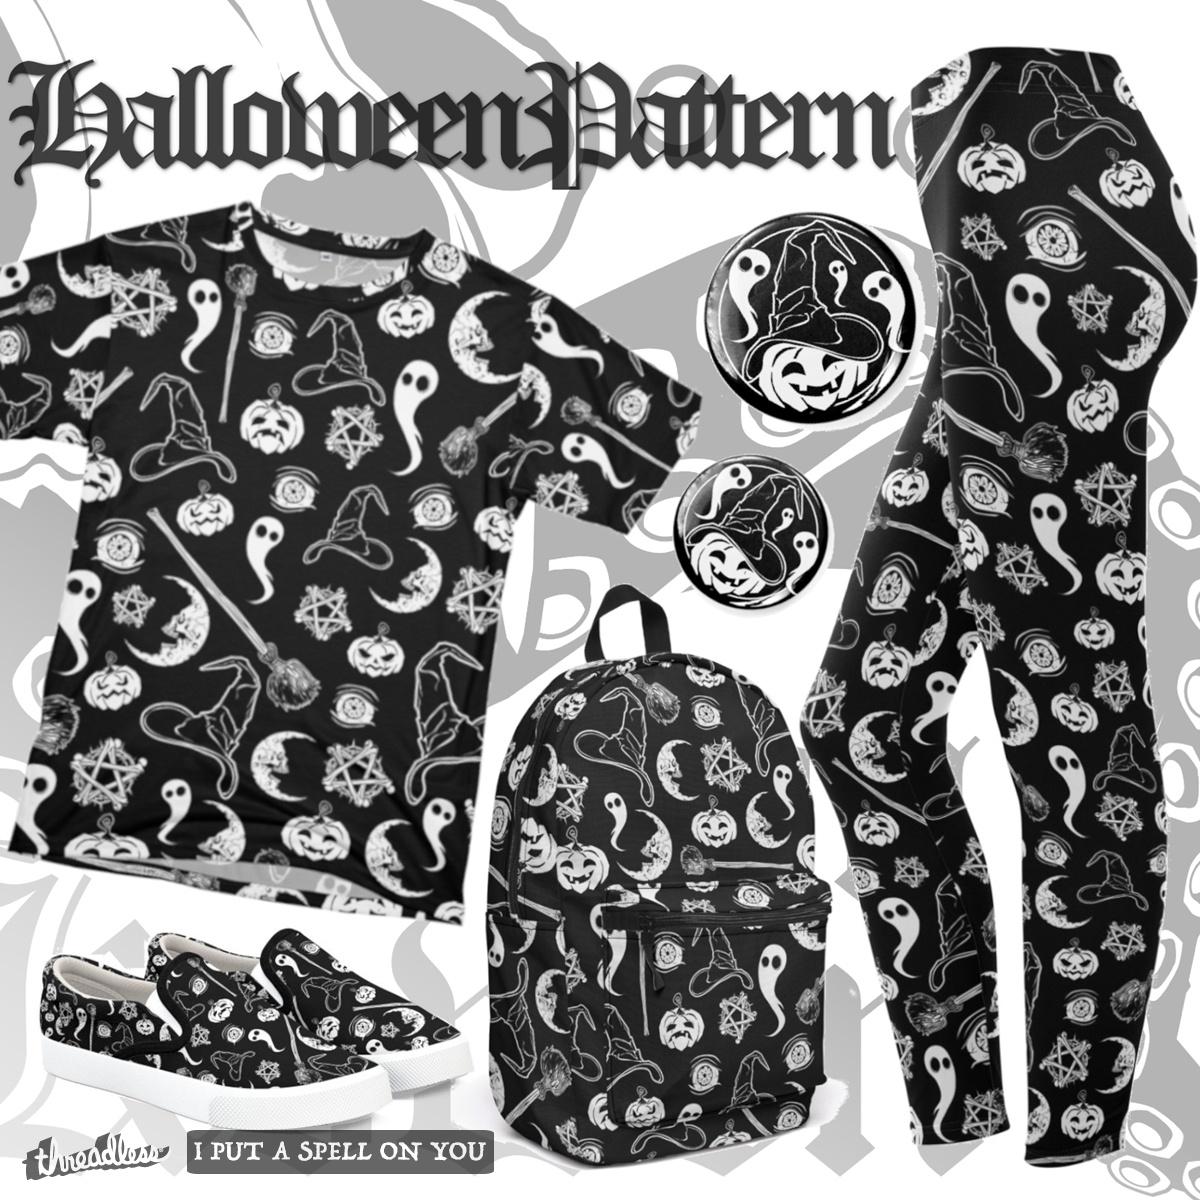 The Halloween Pattern, a cool t-shirt design